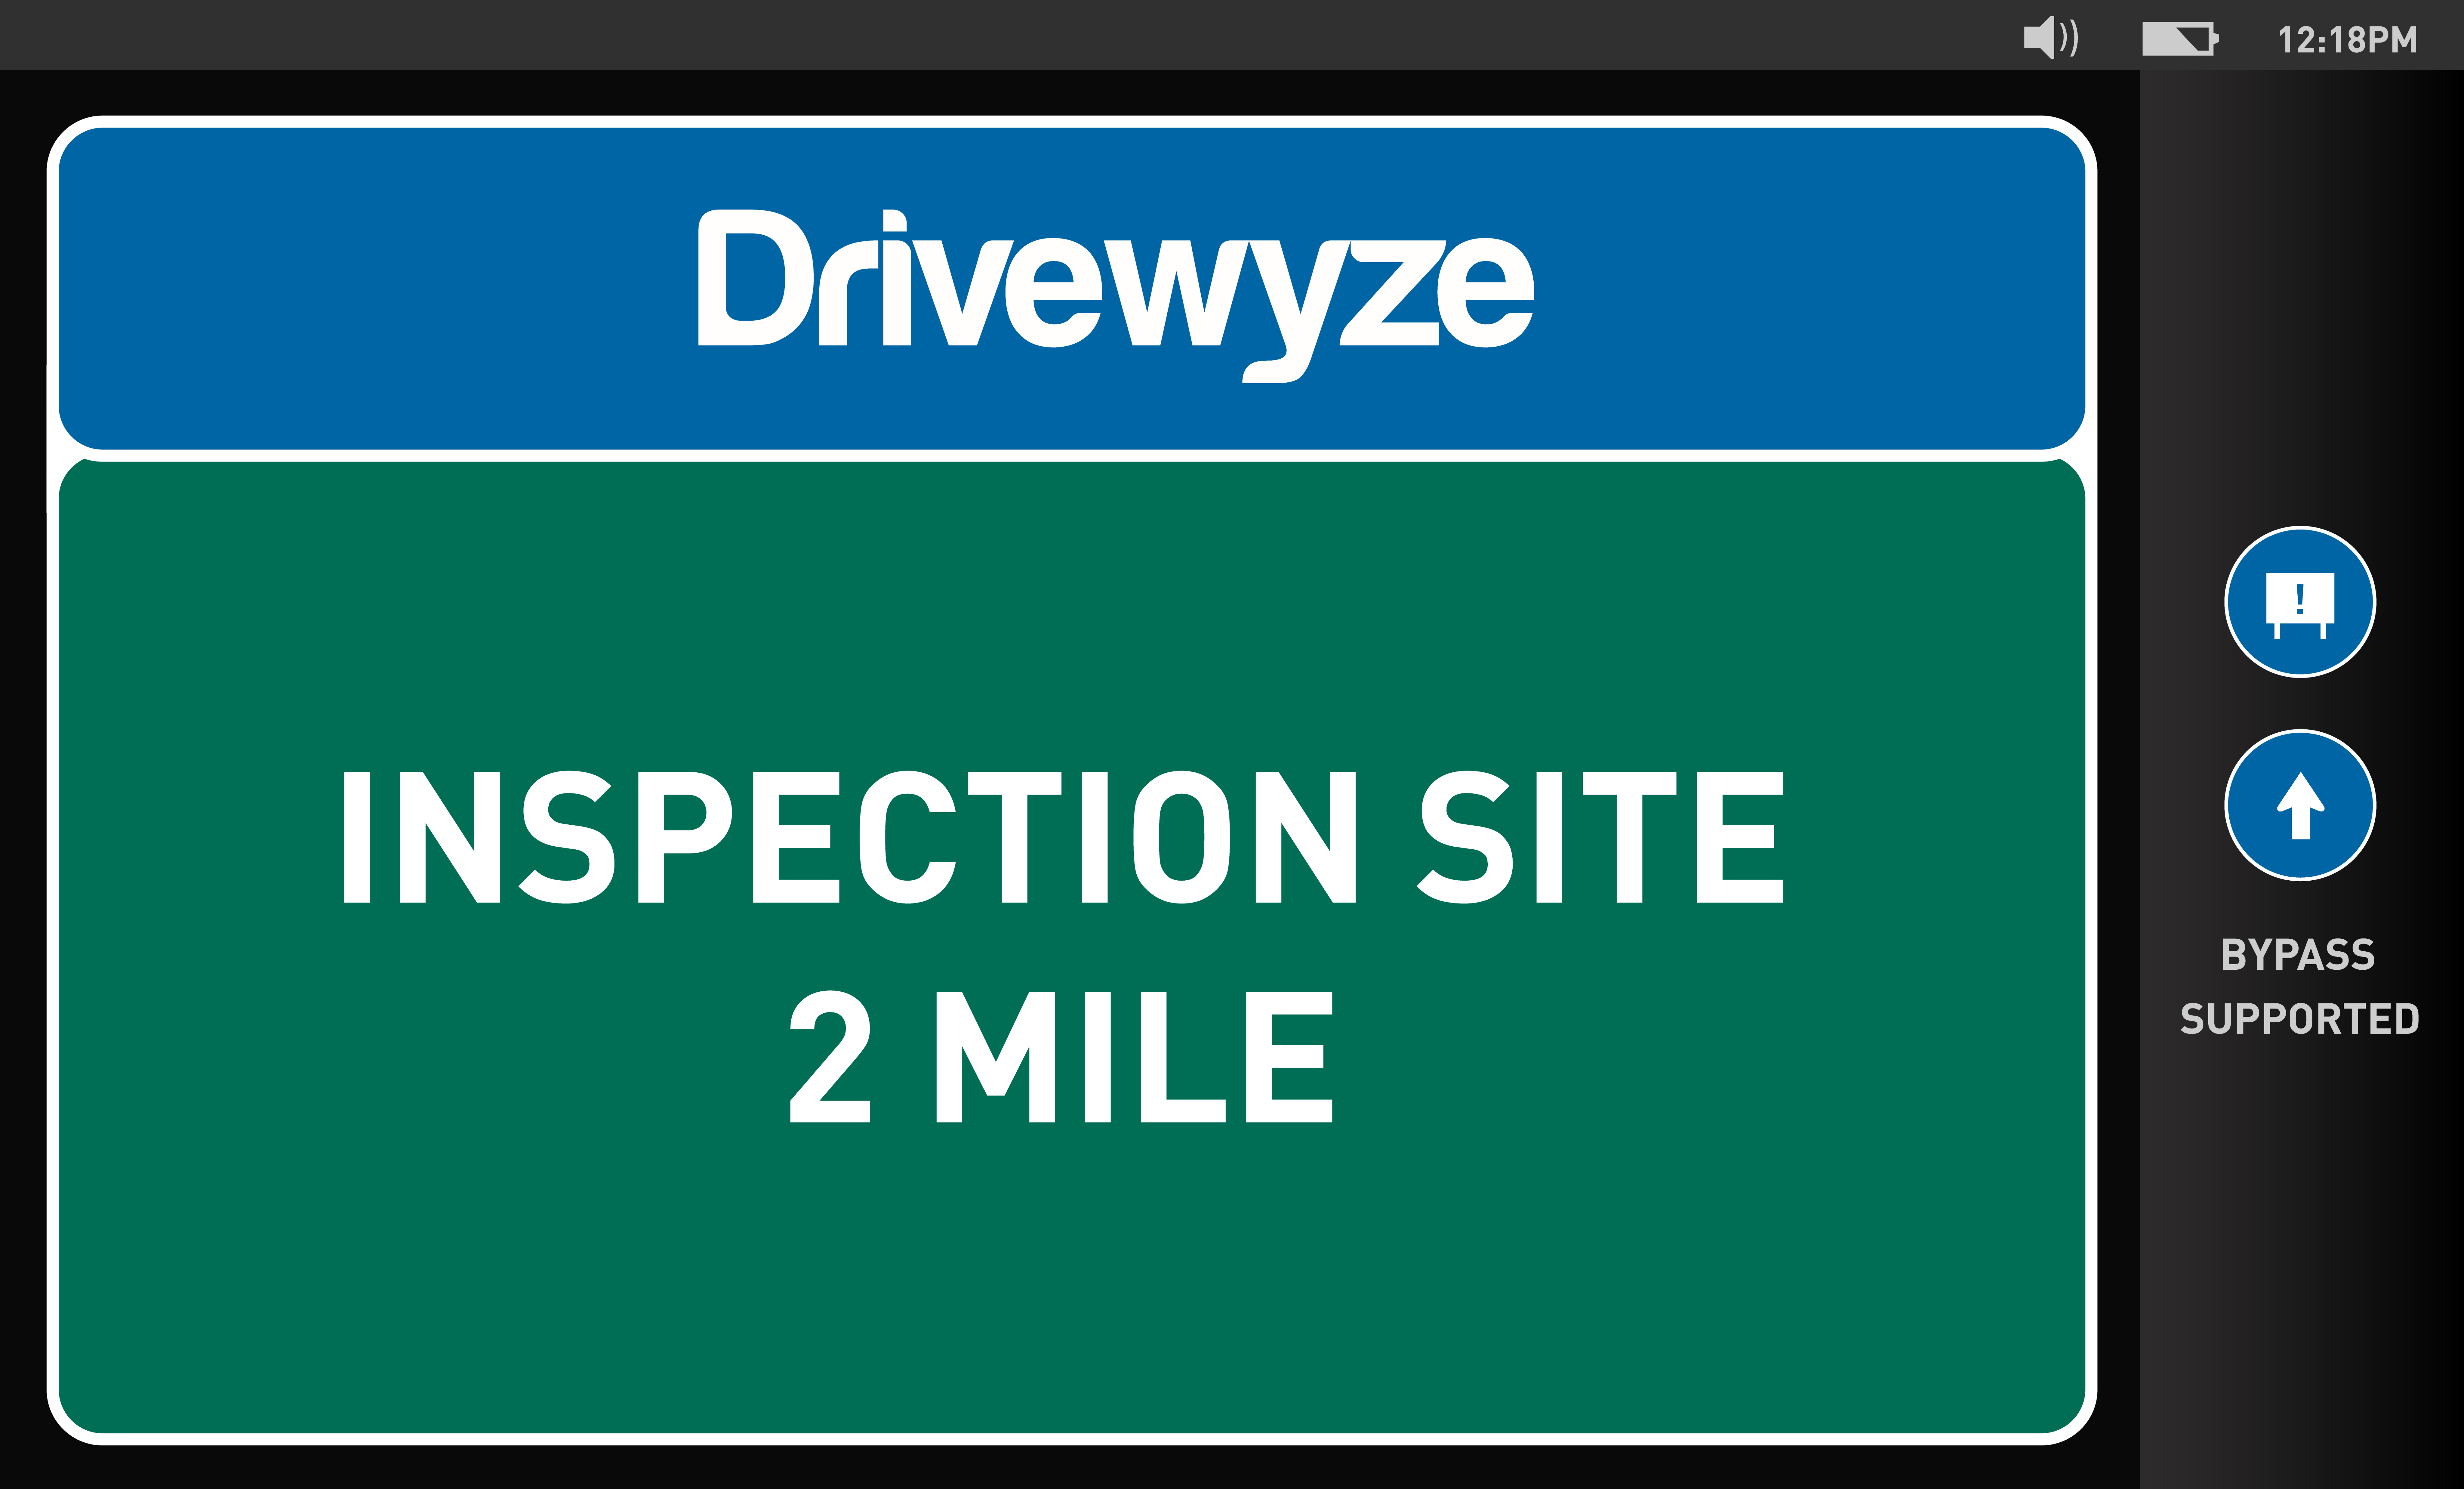 Inspection alert screen